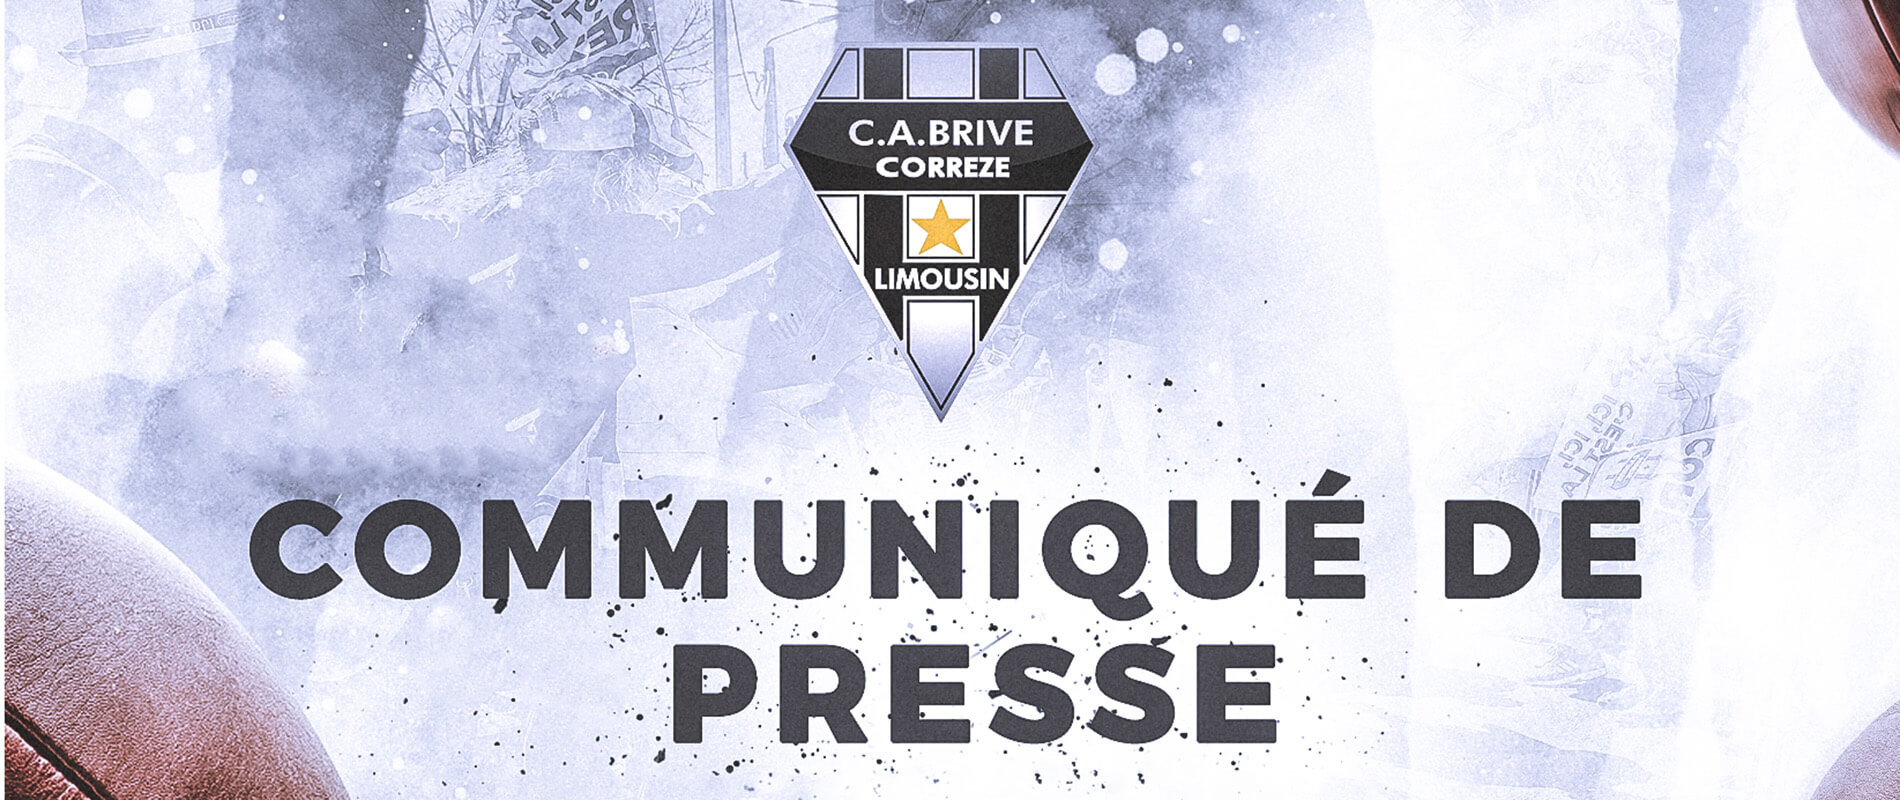 communique-presse4